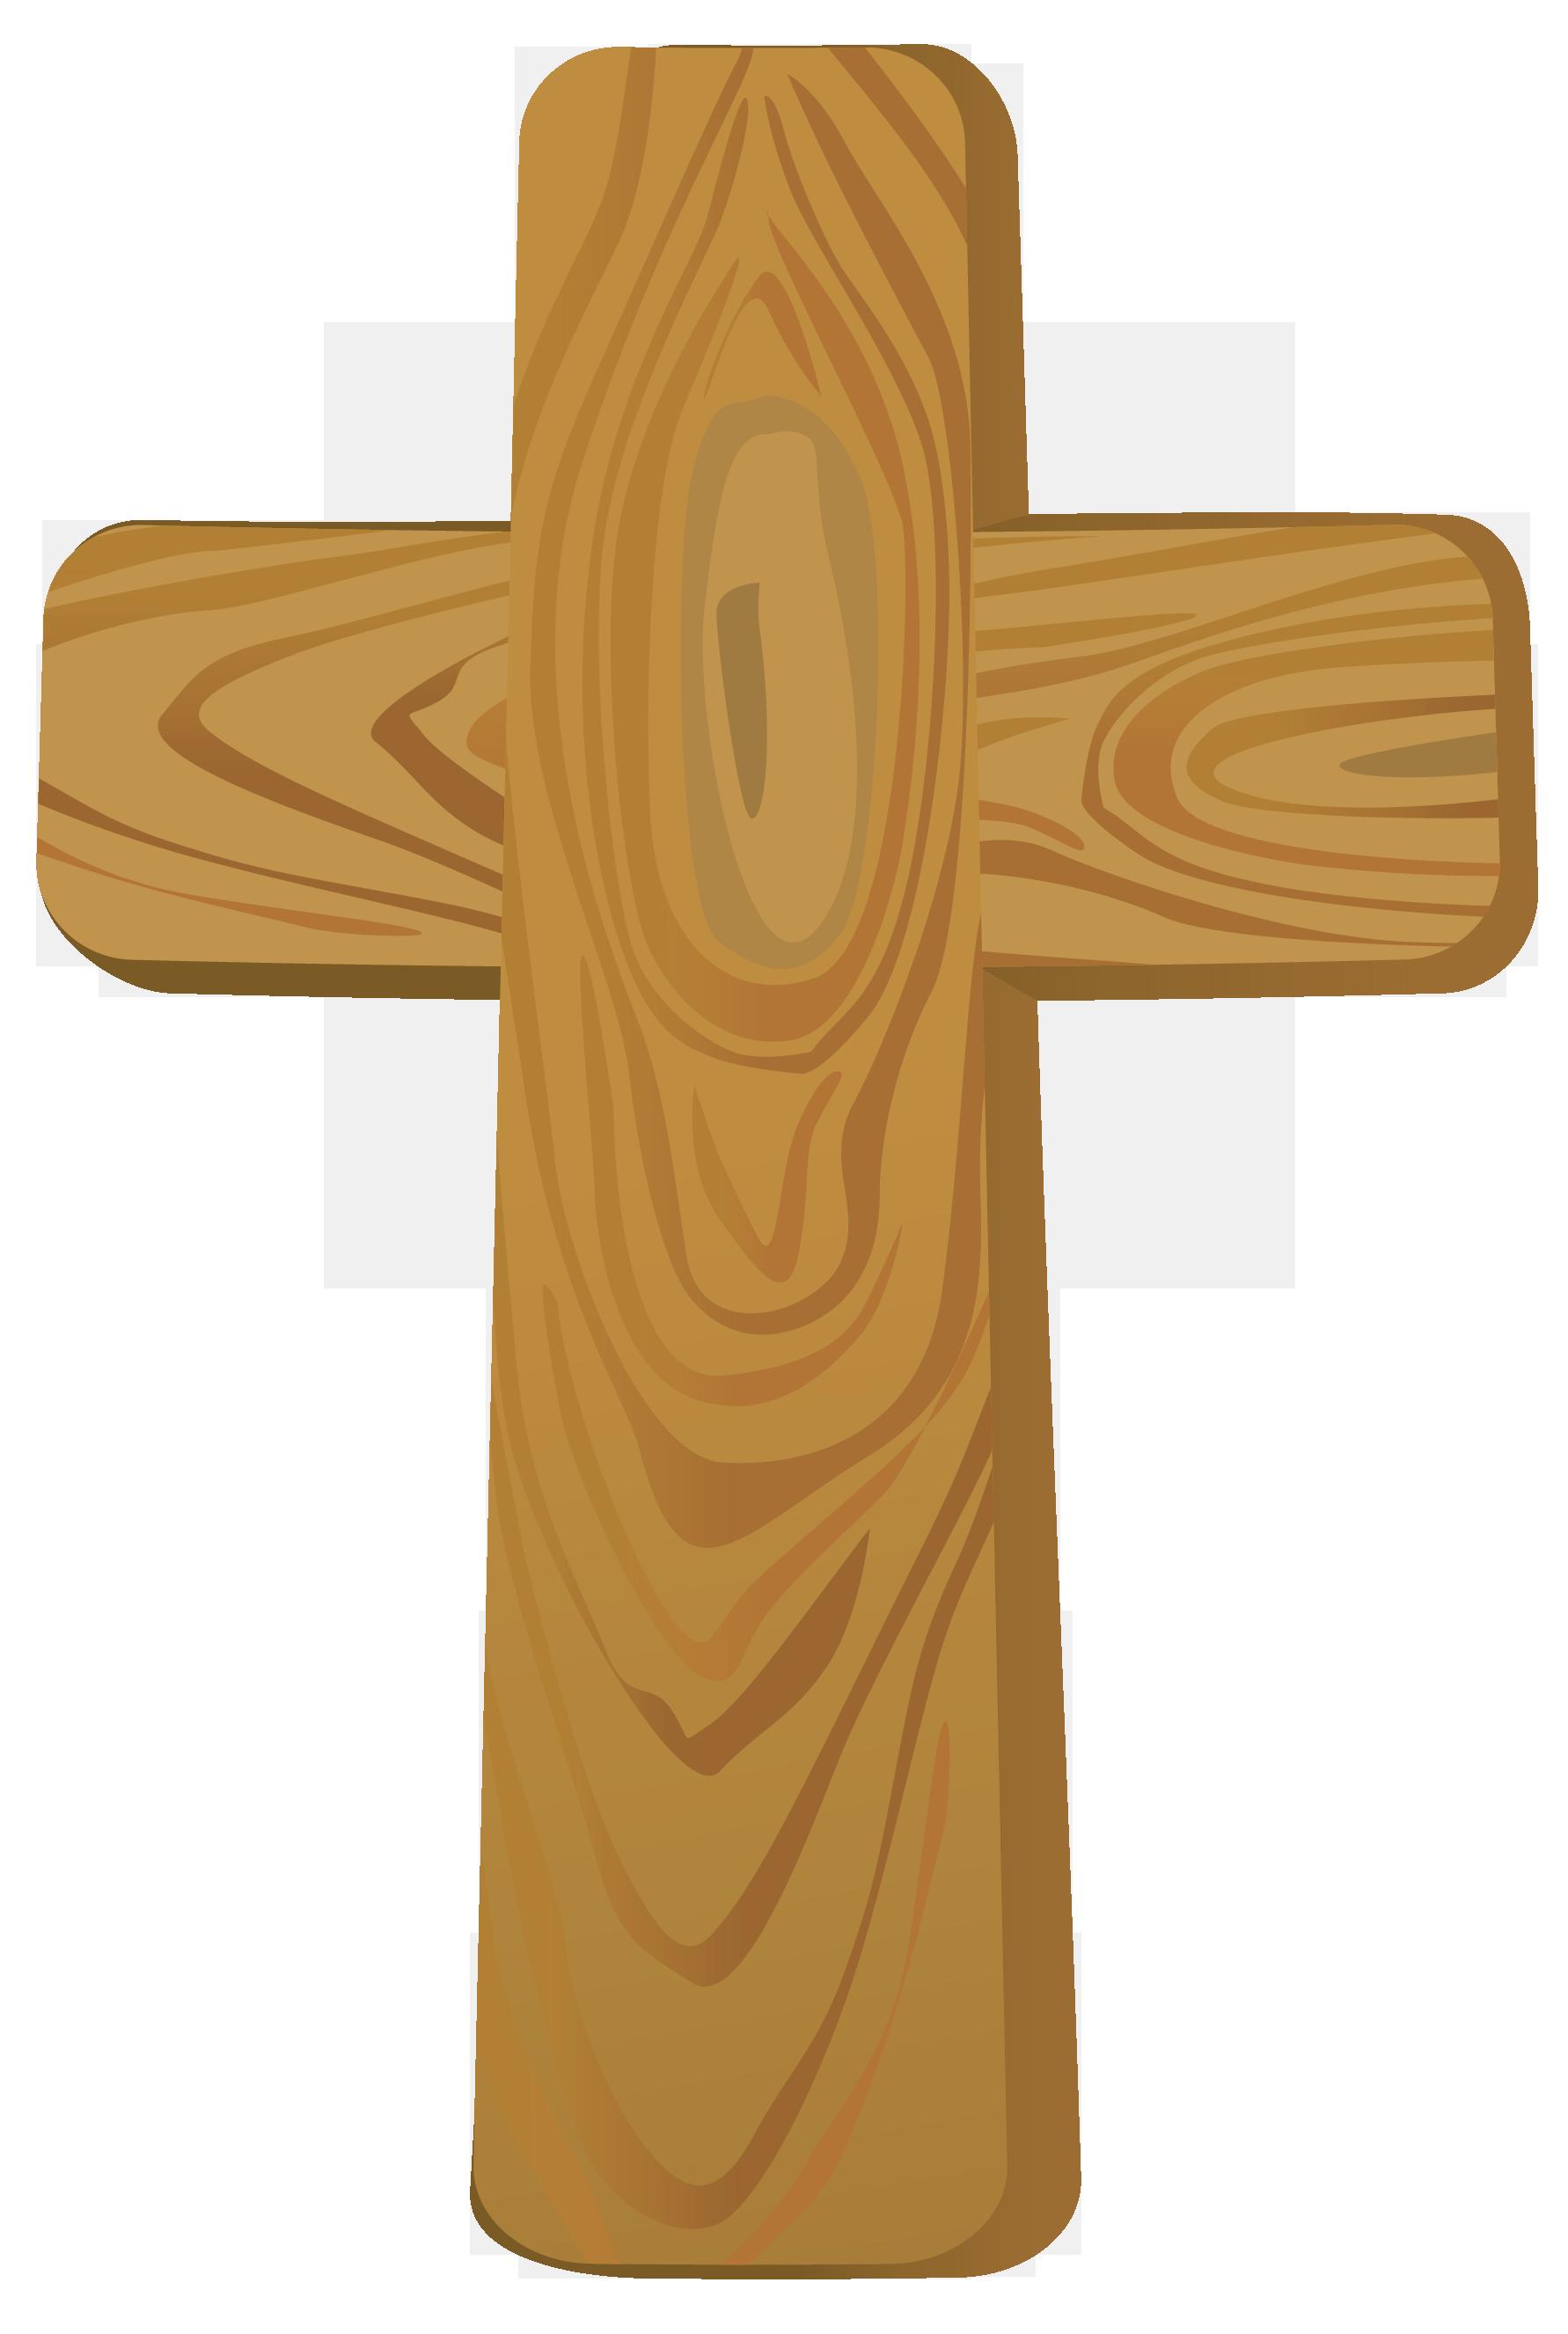 Crucifix PNG HD - 120789